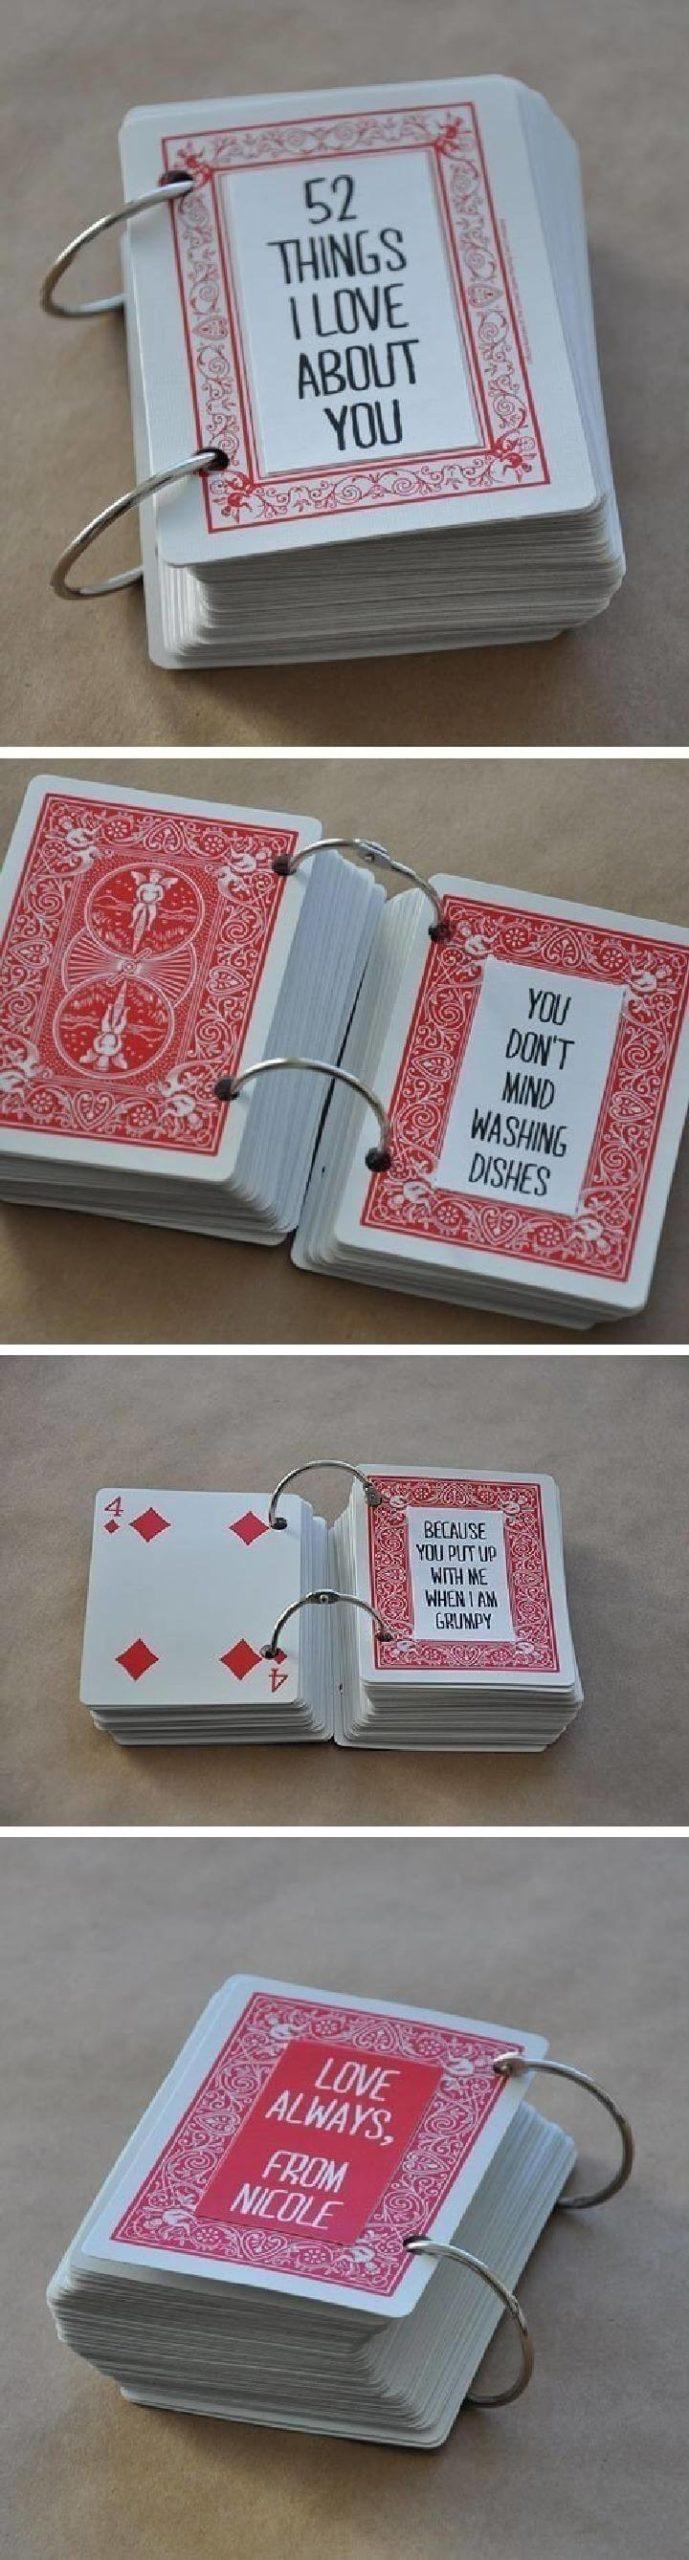 DIY 52 tarjetas de regalo de mini libro con comentarios sobrescritos